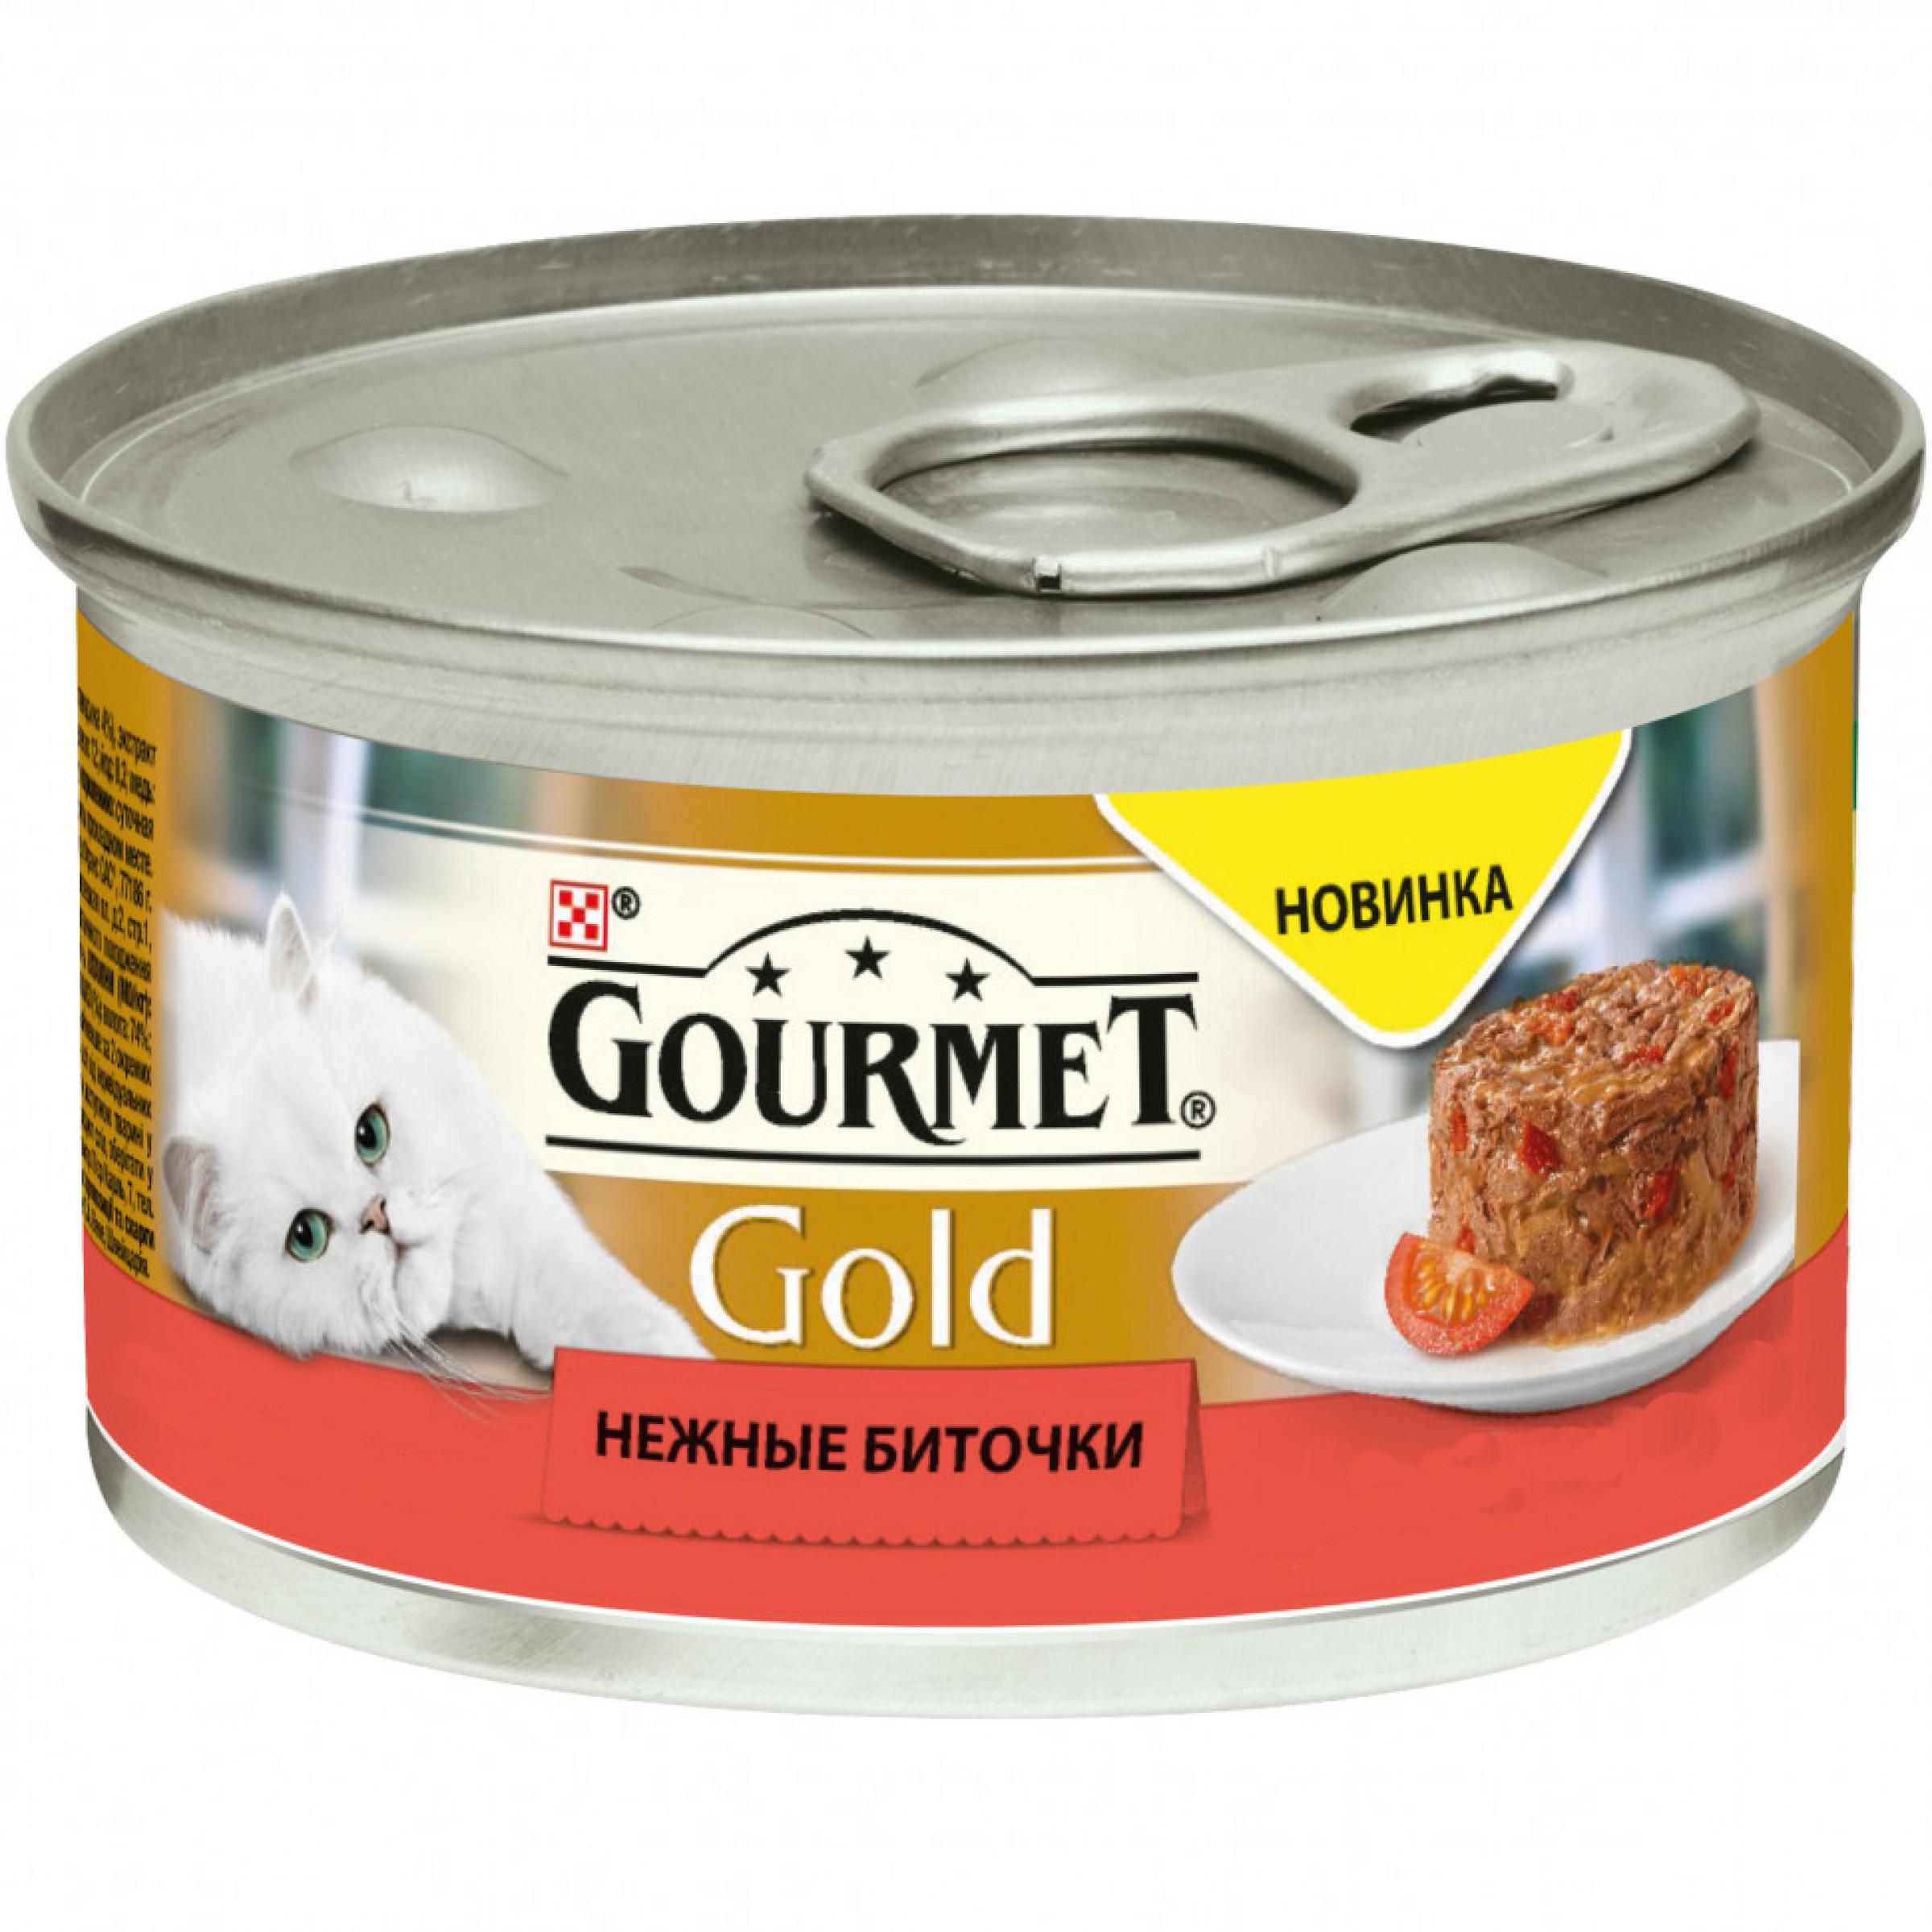 Влажный корм GOURMET GOLD мусс форель и томаты, 85гр